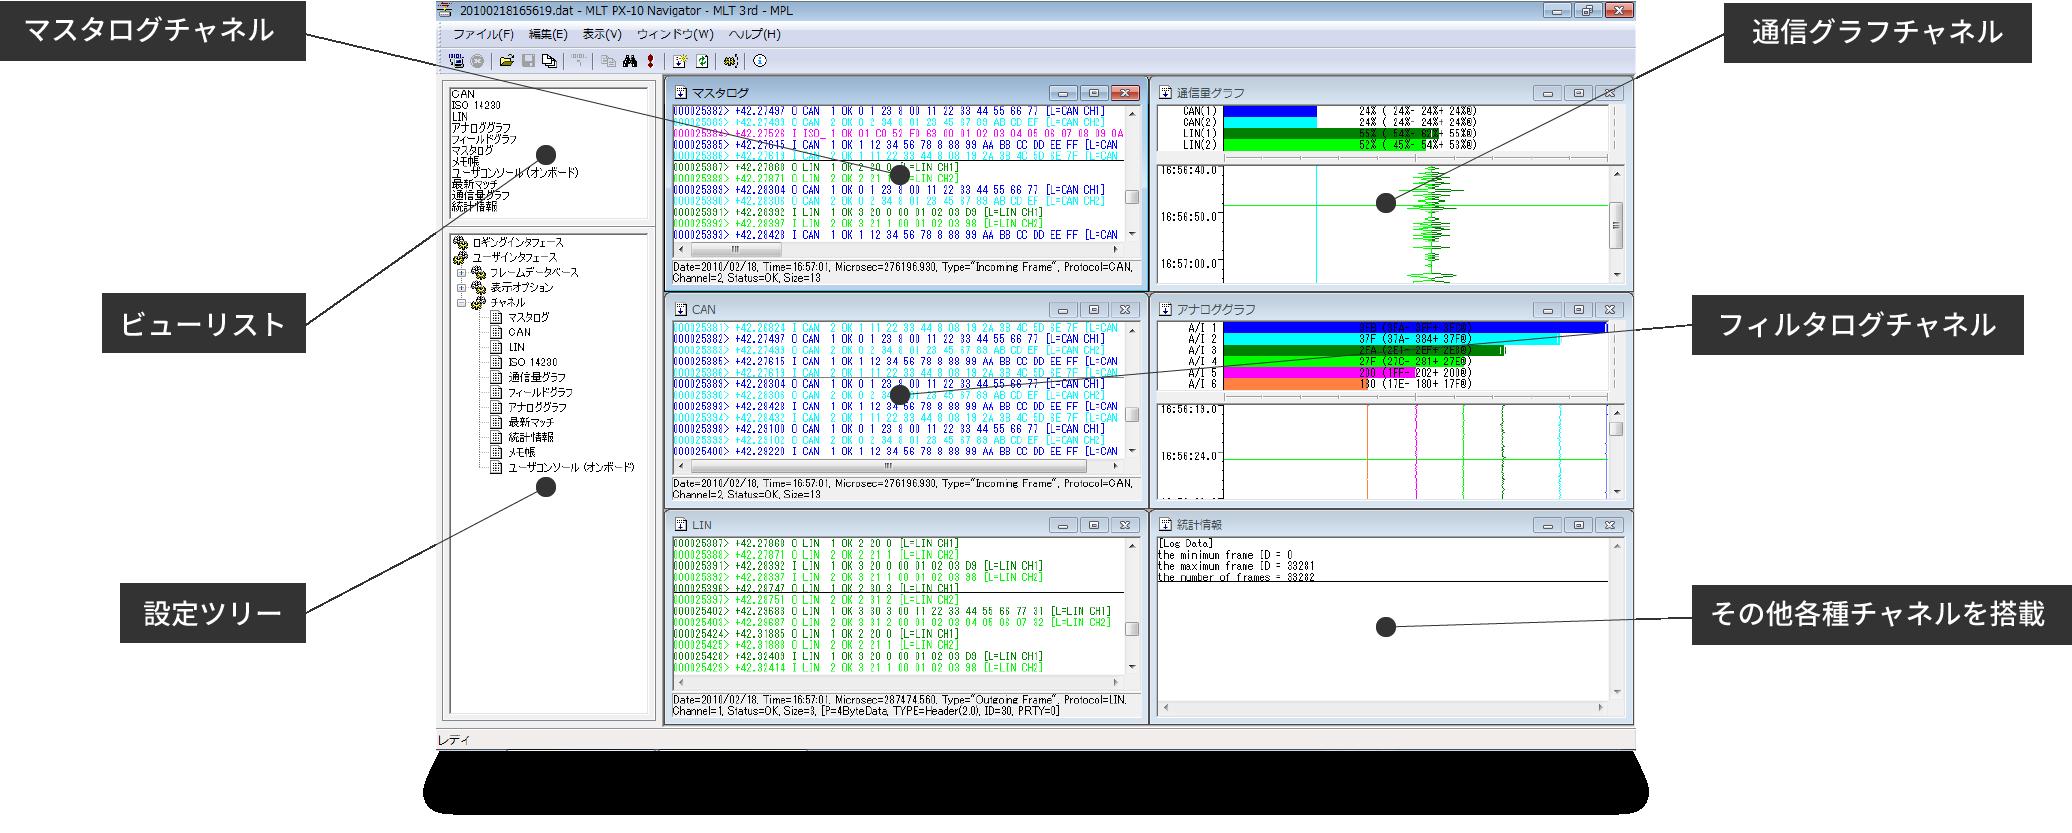 共通の操作性を実現した汎用的で多機能の統合テスト環境